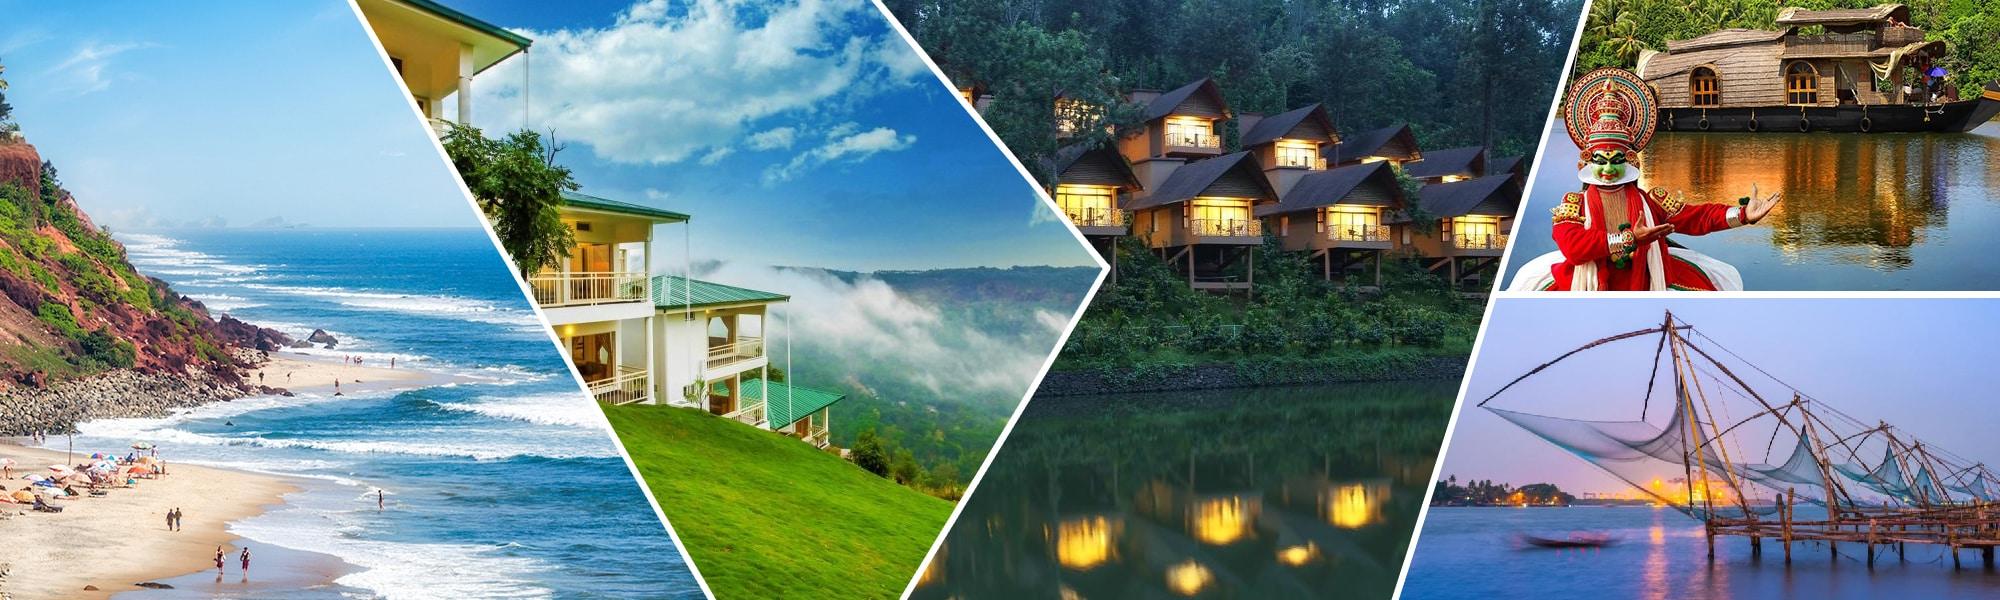 Munnar, Thekkady, Kovalam, Alappuzha and Kochi – Amazing Kerala Package tour